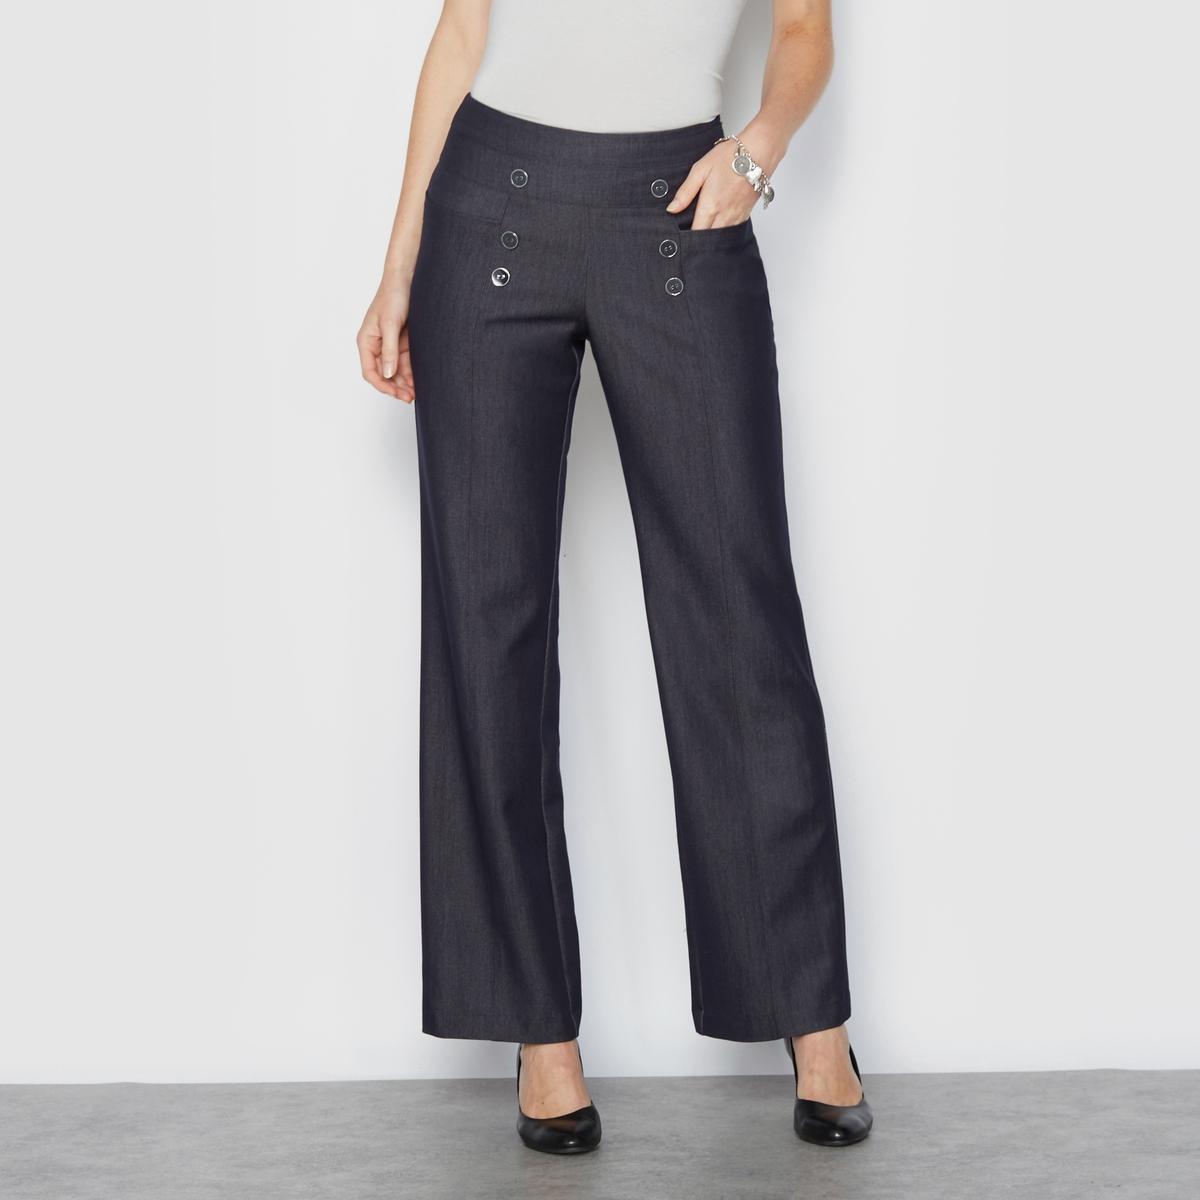 Брюки широкие с джинсовым эффектом, удобный стрейчОчень изящные широкие брюки с джинсовым эффектом. Невероятно стильные, в морском стиле. Вставка на поясе с оригинальным ремнём и пуговицами спереди. Застежка на молнию сбоку. Карманы спереди и сзади. Защипы спереди и сзади.Красивая саржа стрейч с джинсовым эффектом создаст великолепный образ и идеальный комфорт благодаря своей эластичности. Идеальный стиль, изящество и свобода движений.Состав и описание :Материал : Саржа, 80% полиэстера, 15% вискозы, 5% эластана. Длина по внутр.шву 78 см, ширина по низу 24 см.Марка : Anne WeyburnУход :Машинная стирка при 30° на умеренном режиме с изделиями схожих цветов.Гладить на низкой температуре.<br><br>Цвет: синий<br>Размер: 42 (FR) - 48 (RUS).44 (FR) - 50 (RUS)